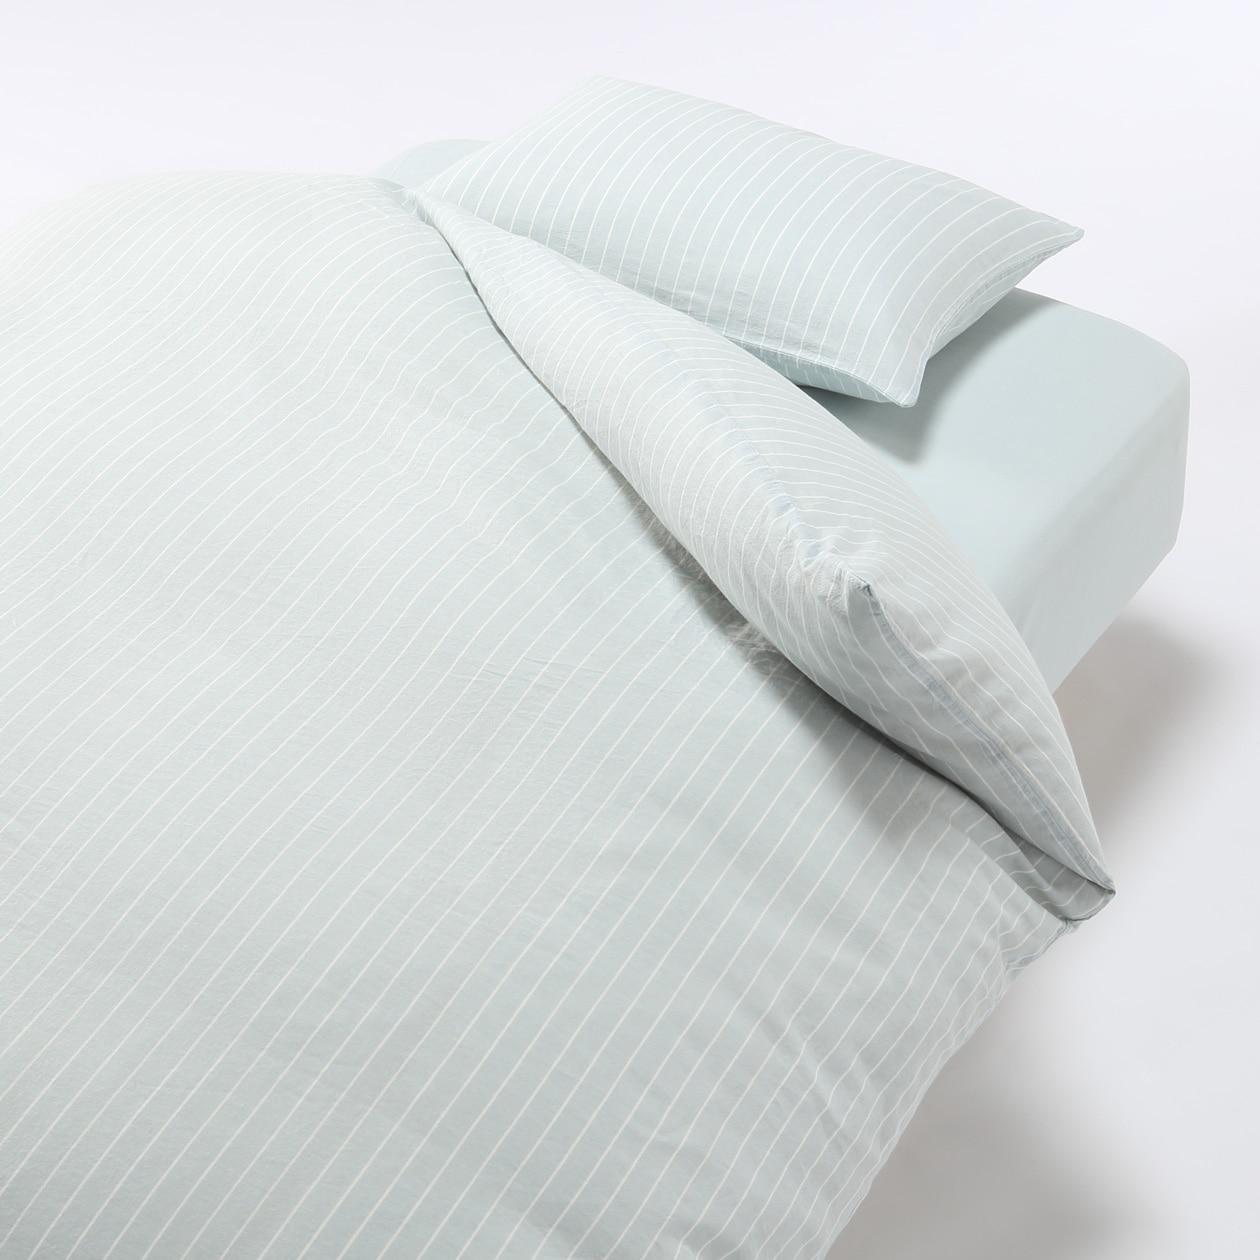 オーガニックコットンふとんカバーセット/ライトブルー/細ストライプ ベッド用 ライトブルー/細ストライプ ベッド用の写真